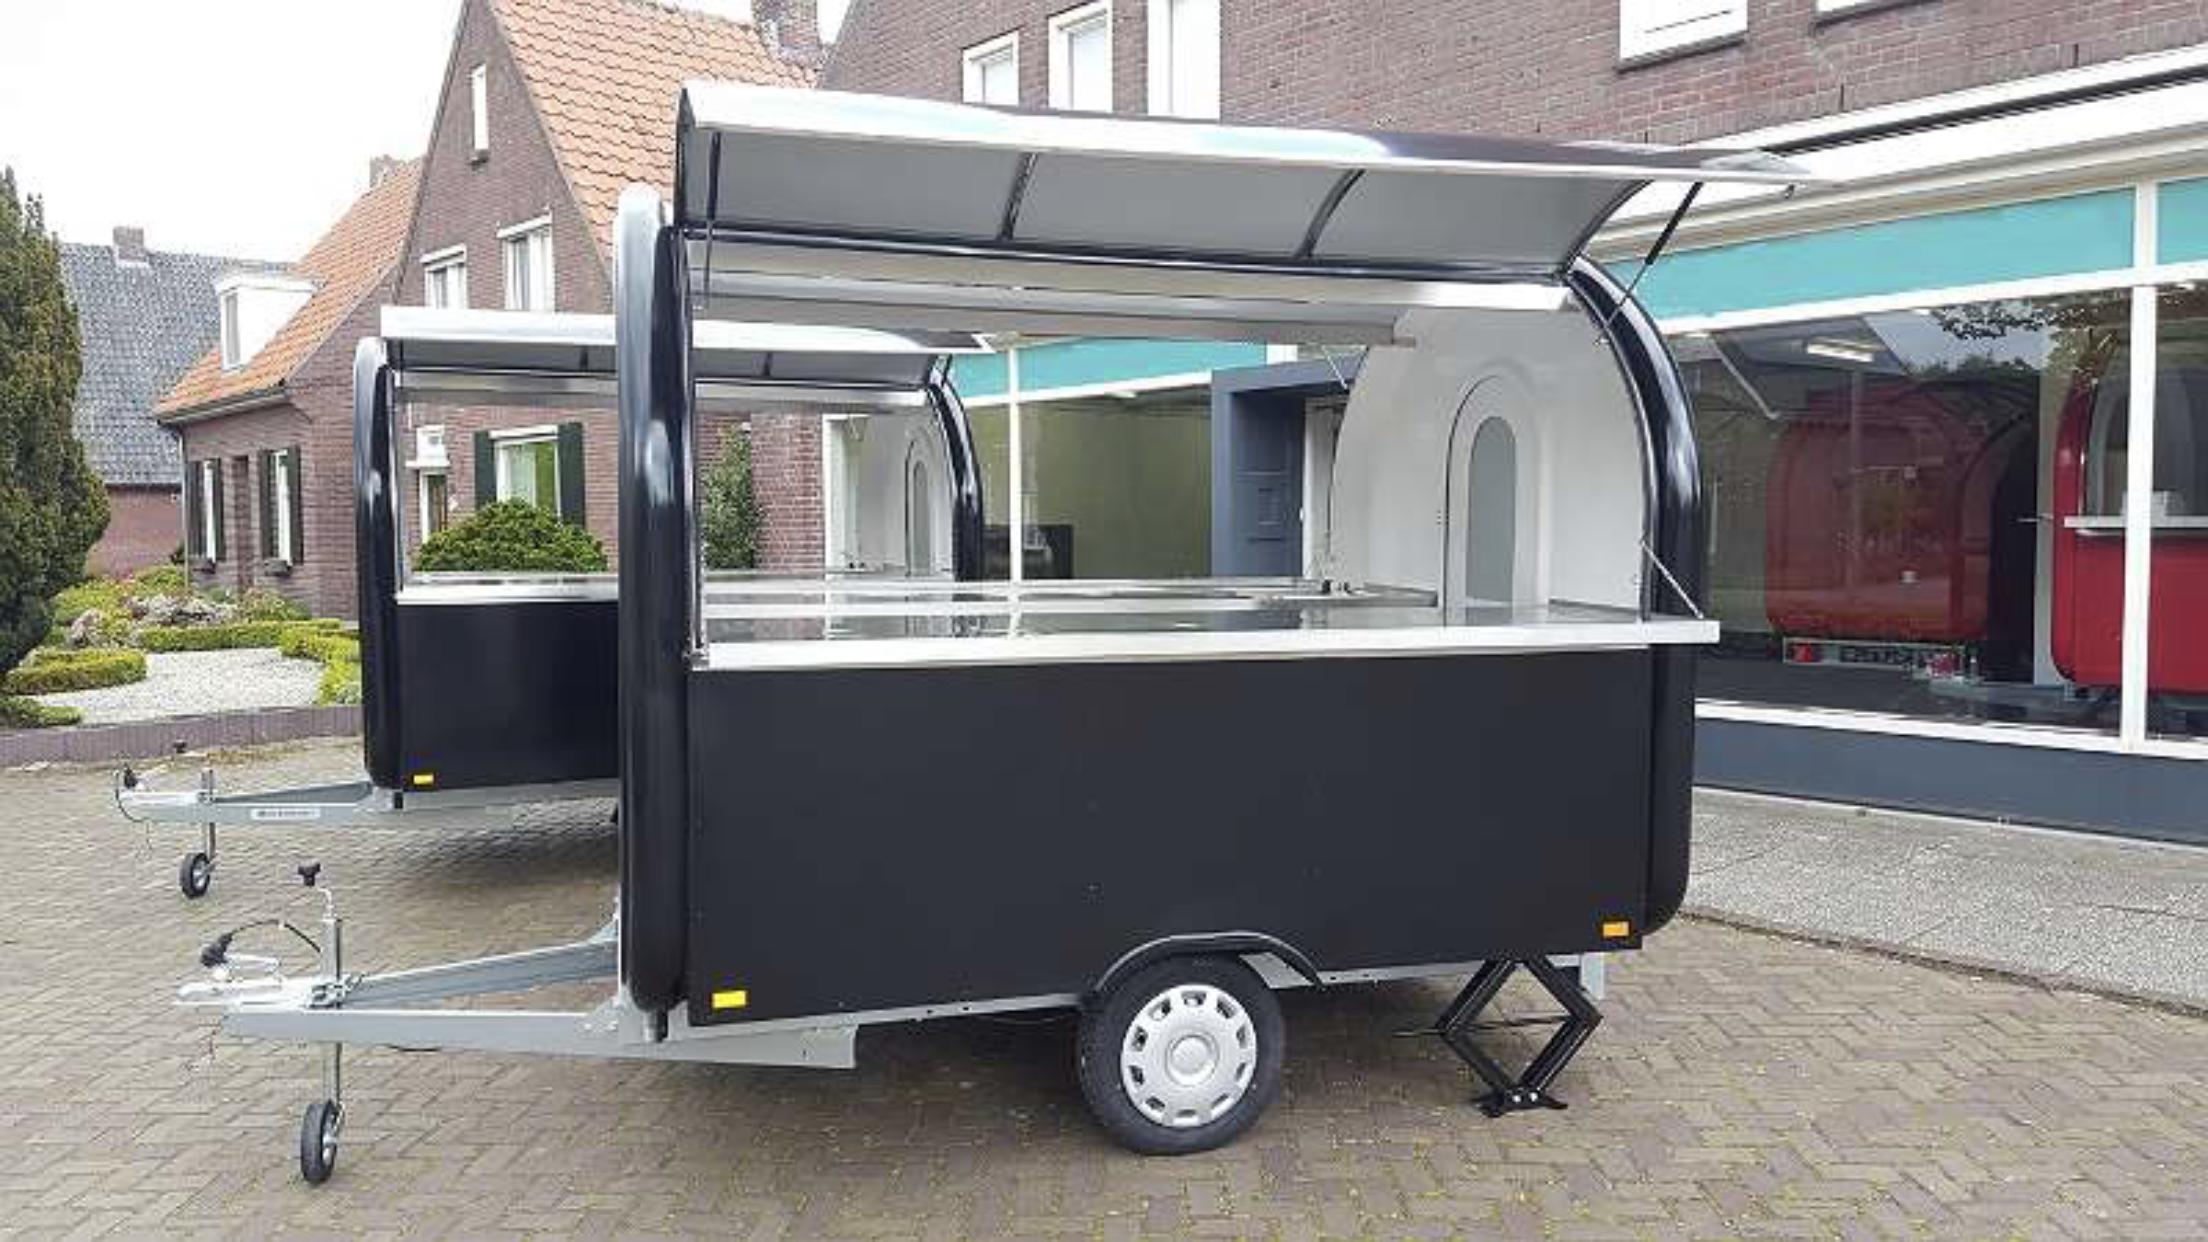 Leih-Party-Foodtruck/ Gastro Verkaufswagen 2x Öffnungen